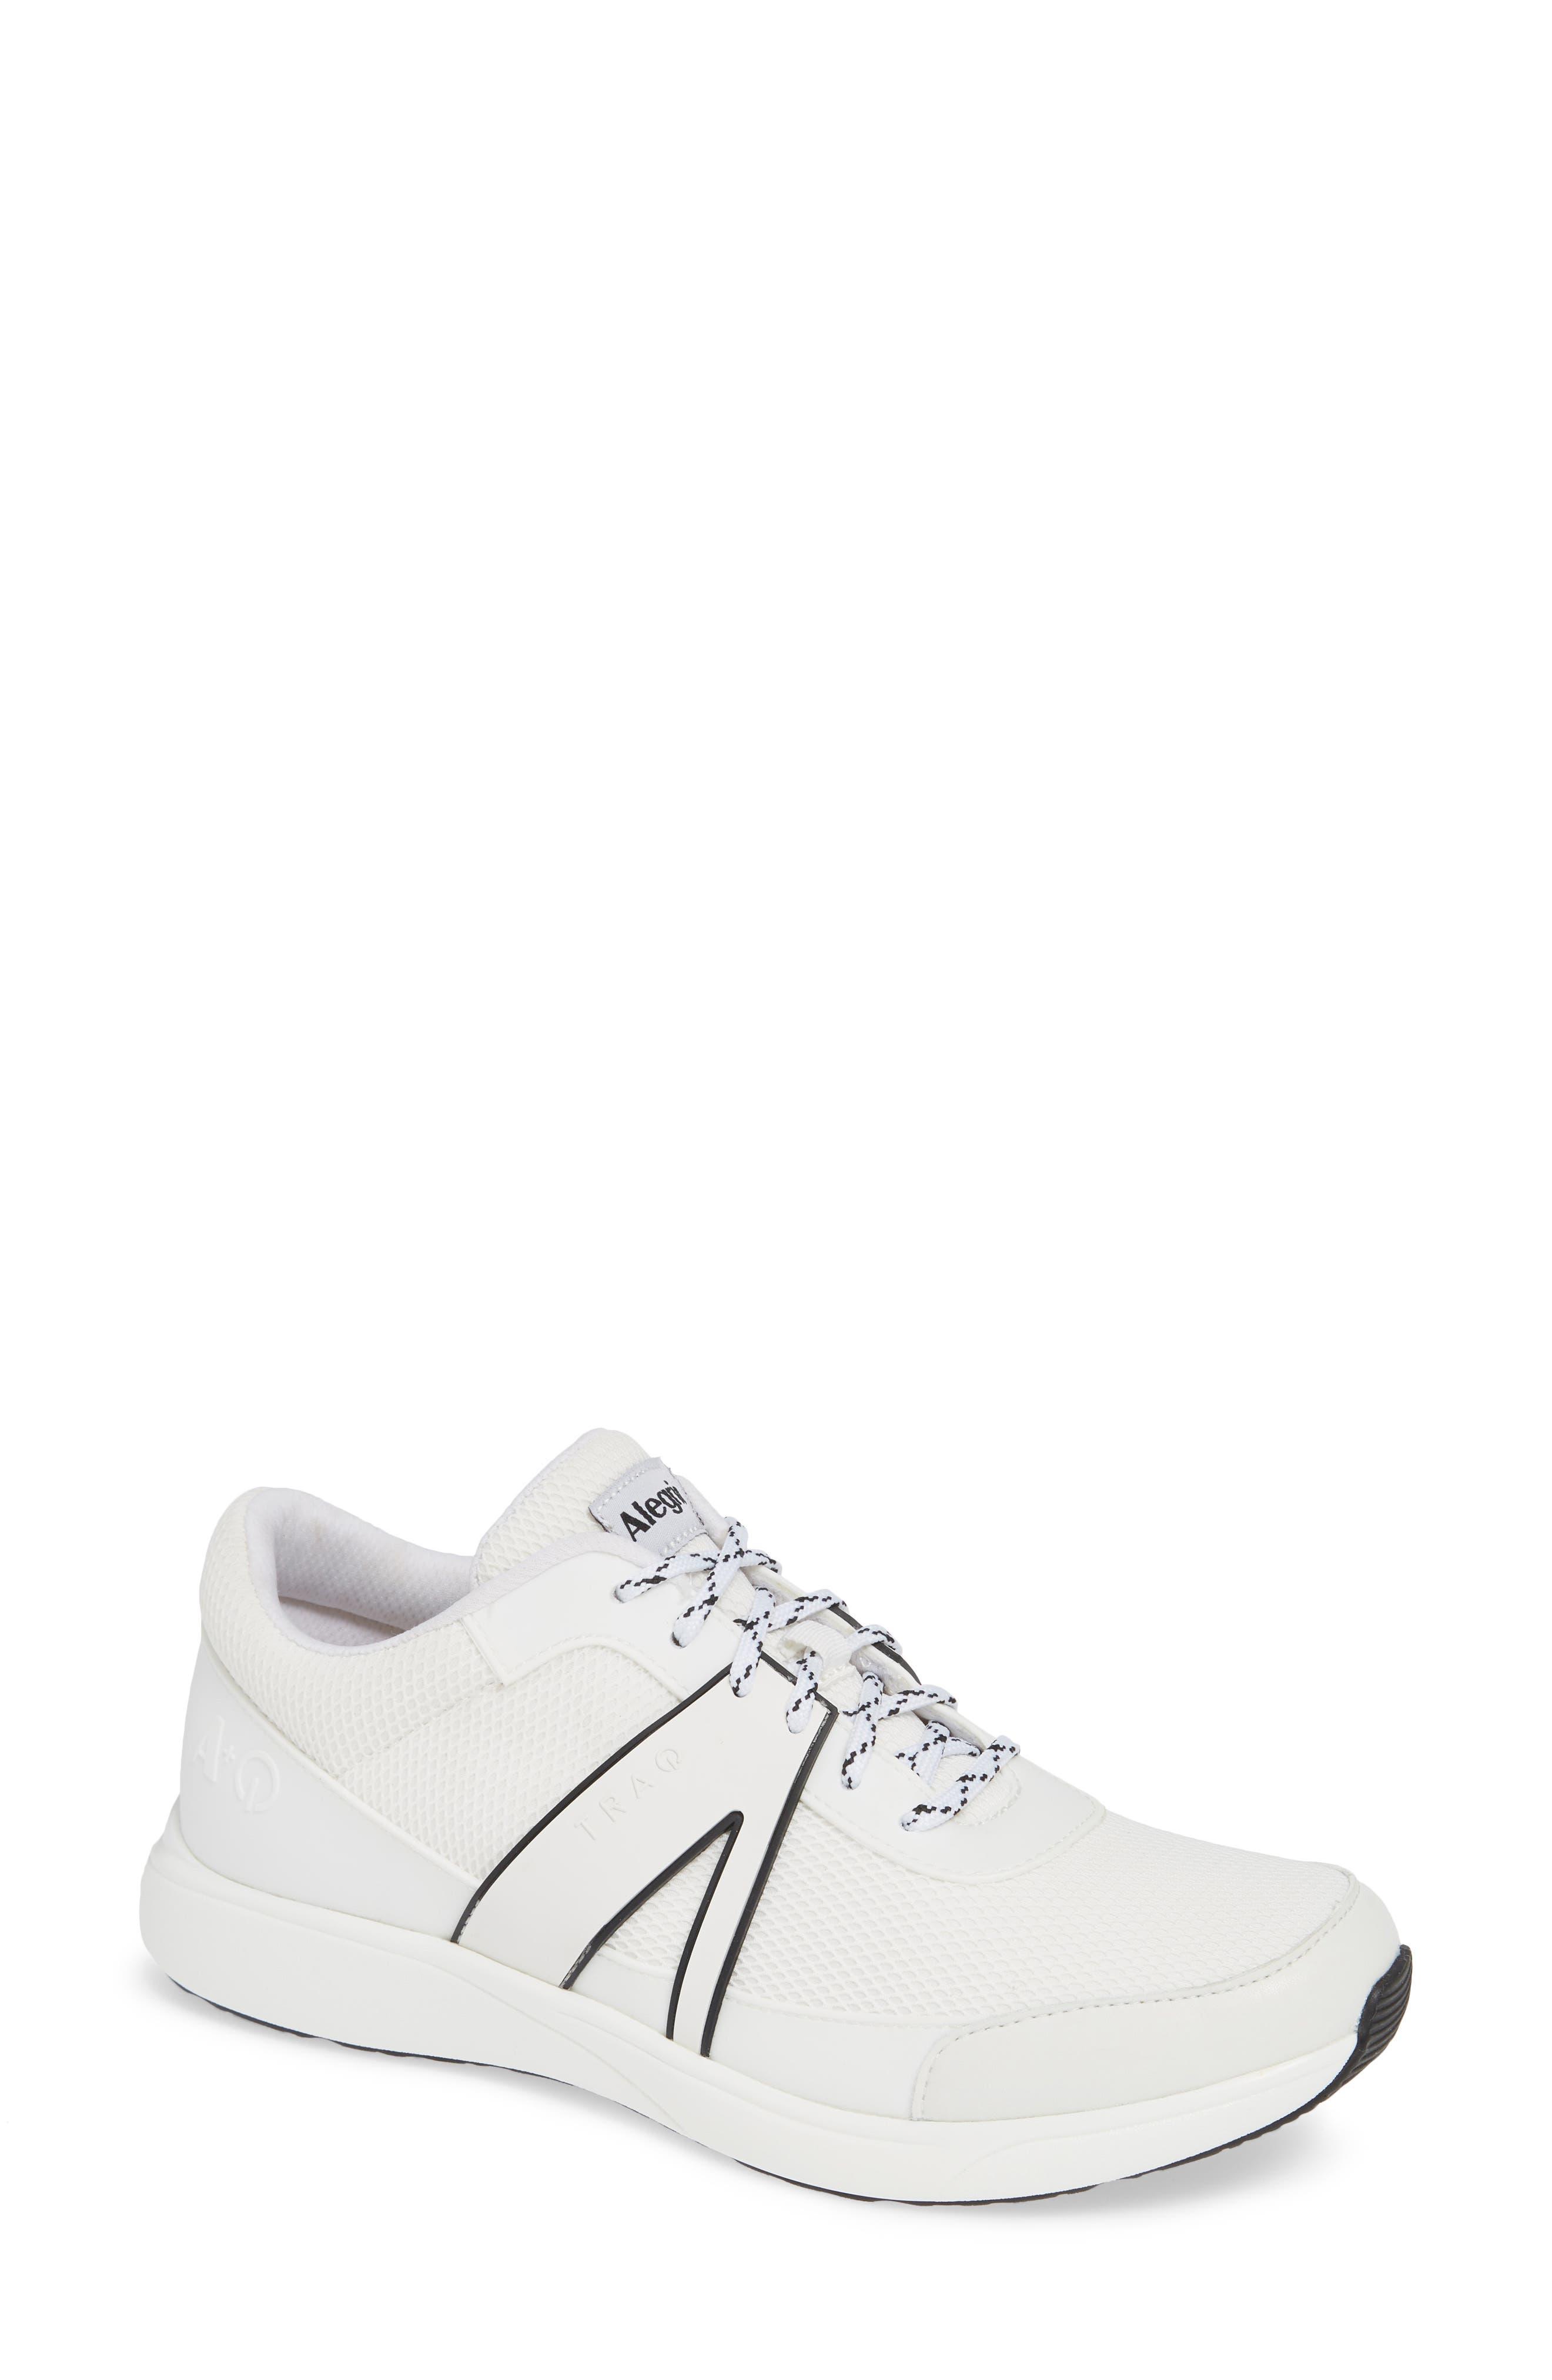 Alegria Qarma Sneaker, White